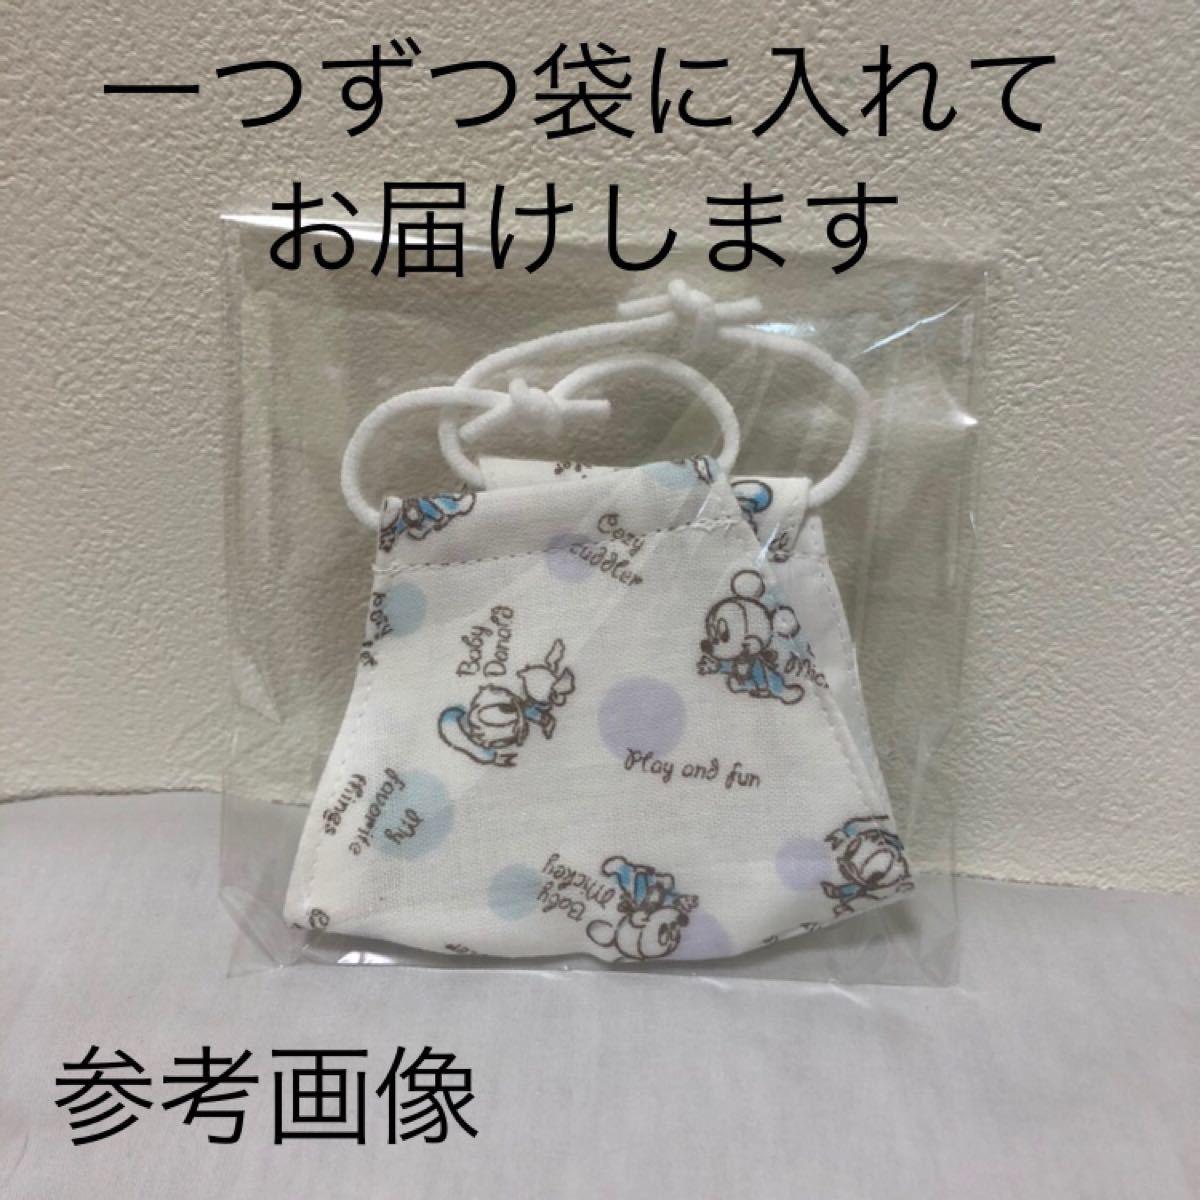 立体インナー 幼児サイズ 鬼滅の刃 みつり【受注生産】